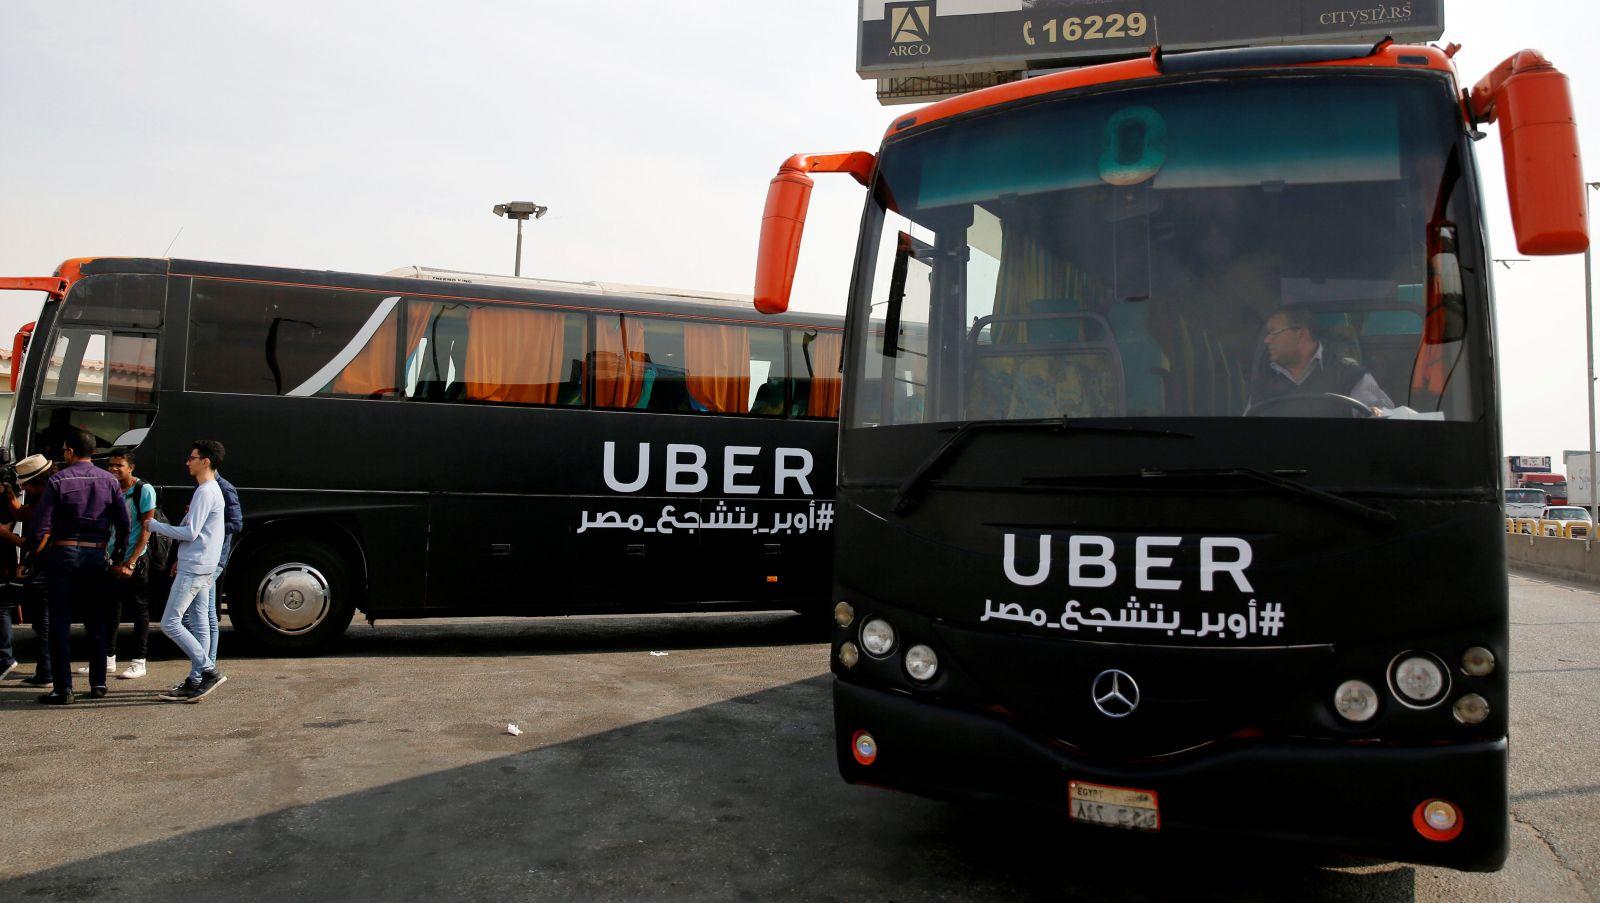 حافلة أوبر تبدأ توصيل المواطنين في القاهرة